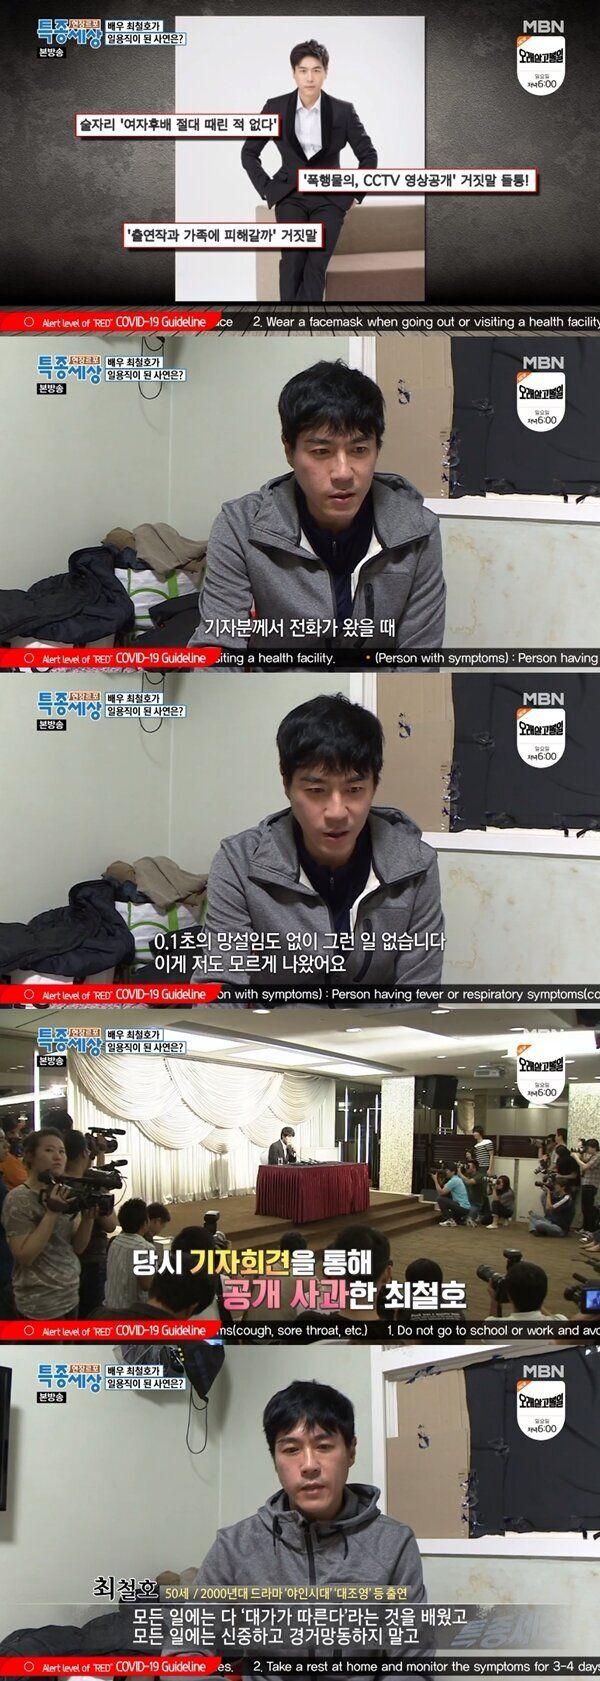 배우 최철호가 MBN '현장르포 특종세상'에서 과거 후배 폭행 사건에 대해 언급하고